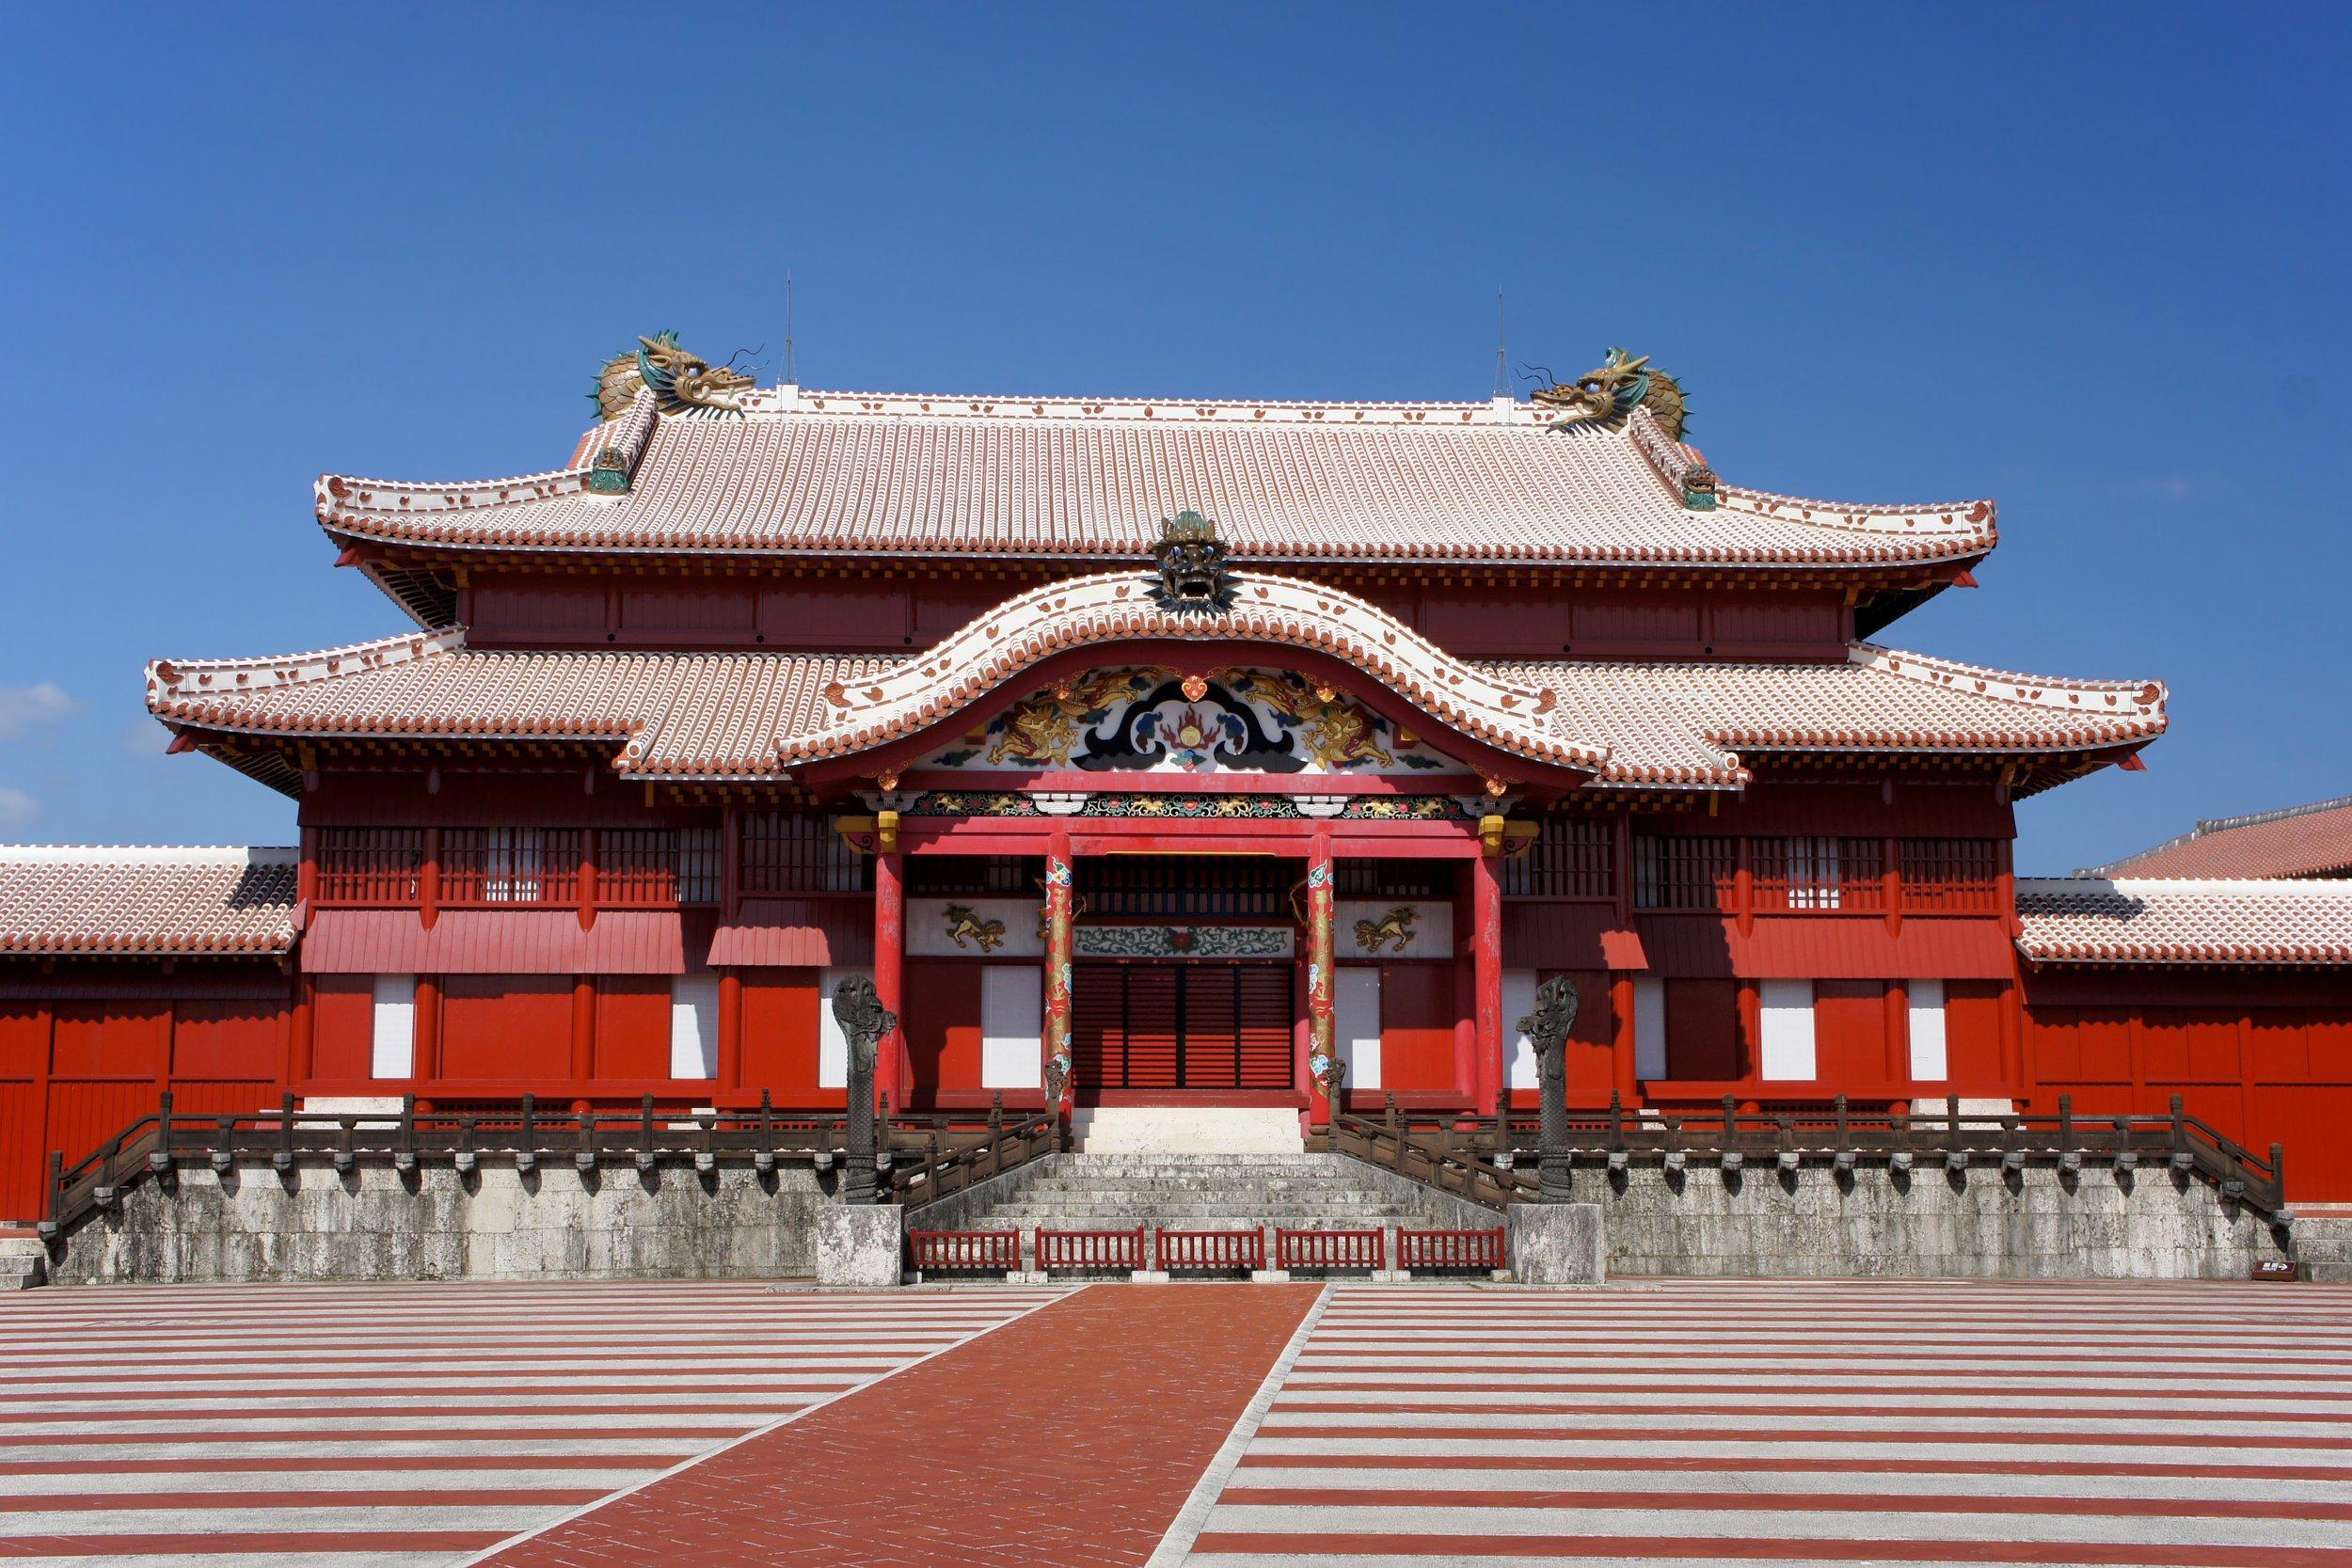 Castello di Shuri 首里城, situato nella città di Naha (nel quartiere di  Shuri ) capitale e maggiore città dell'omonima isola e della Prefettura di Okinawa (Giappone).